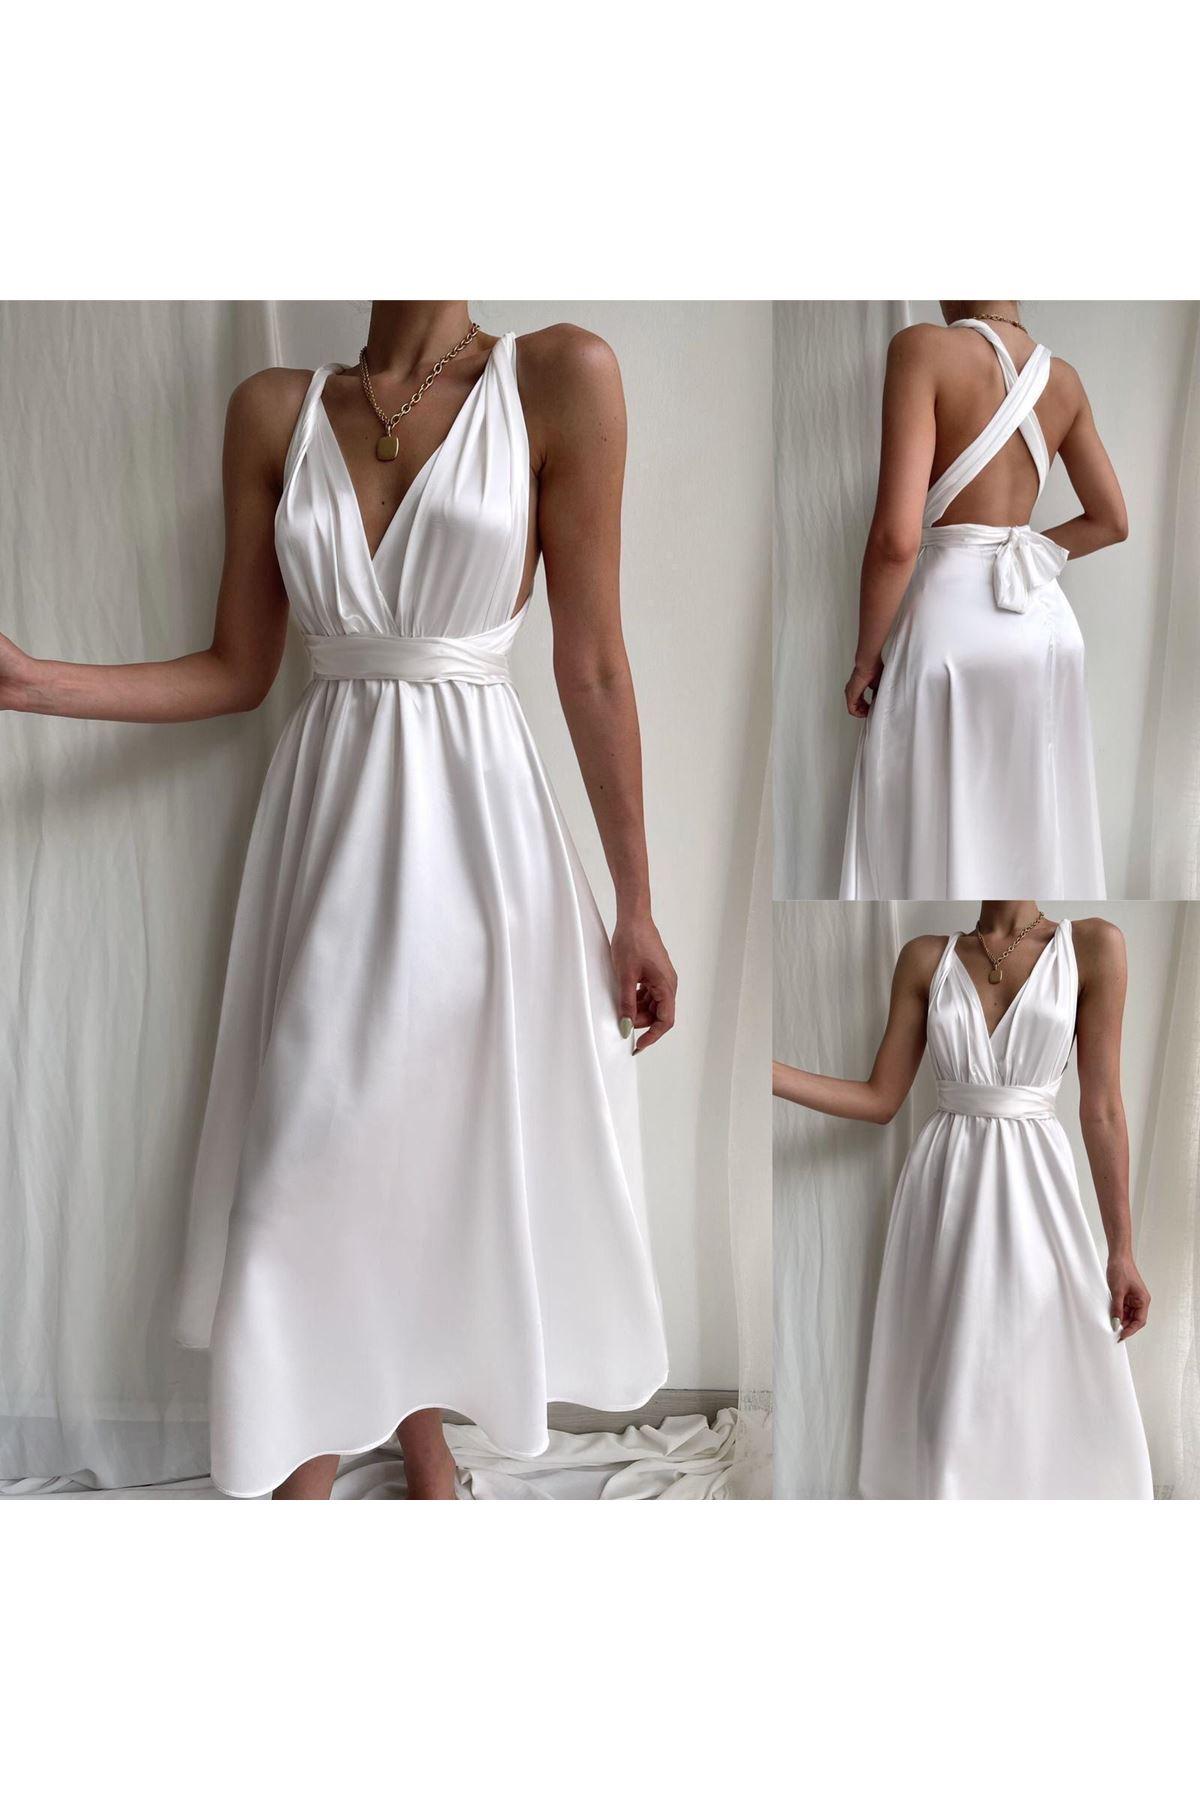 Sırt Bağlamalı Saten Elbise - BEYAZ